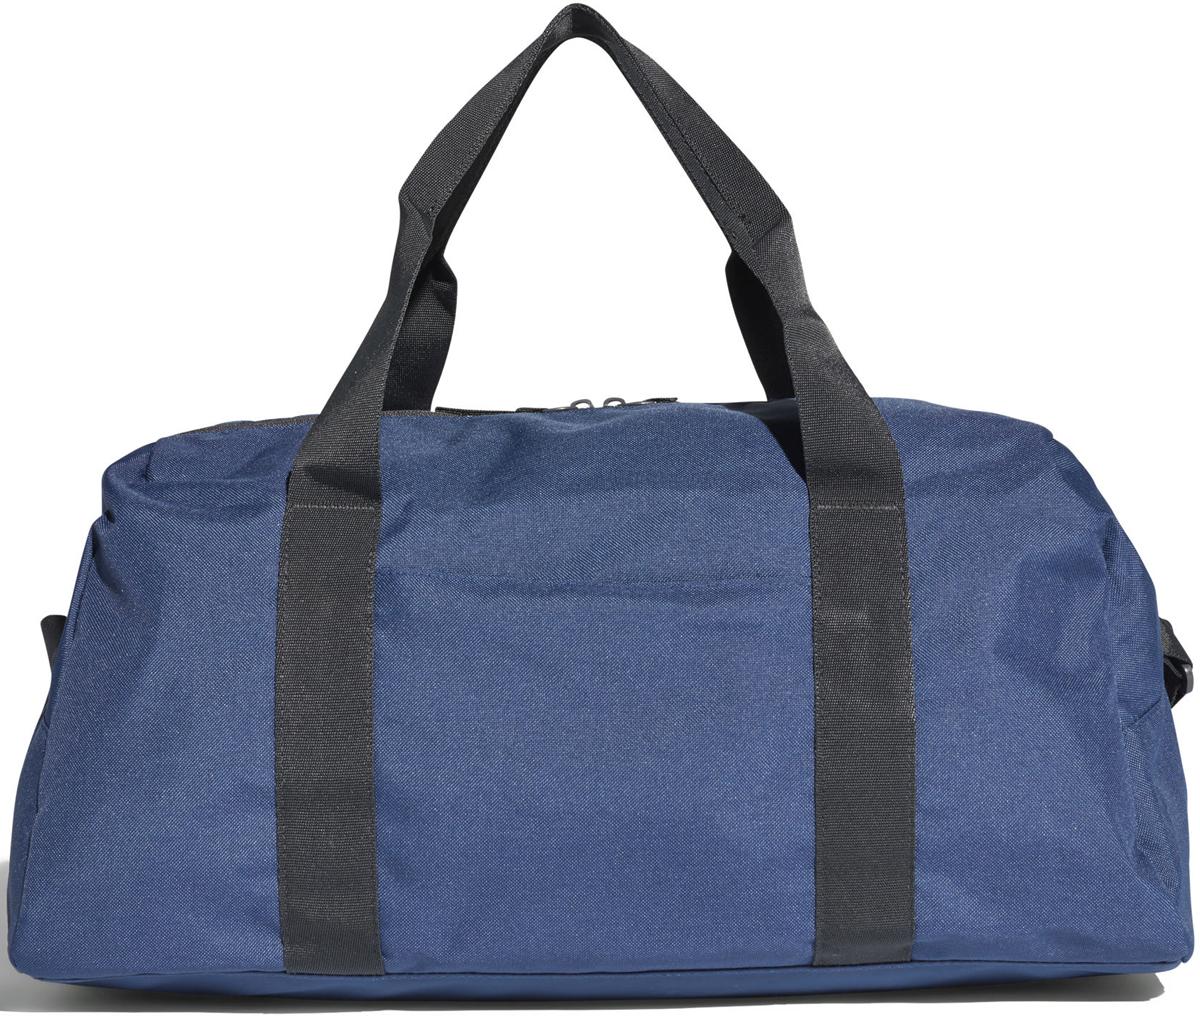 0cb570bc79f8 Сумка спортивная женская Adidas W TR CO DUF S, цвет: синий, 24 л. CF5213 —  купить в интернет-магазине OZON.ru с быстрой доставкой